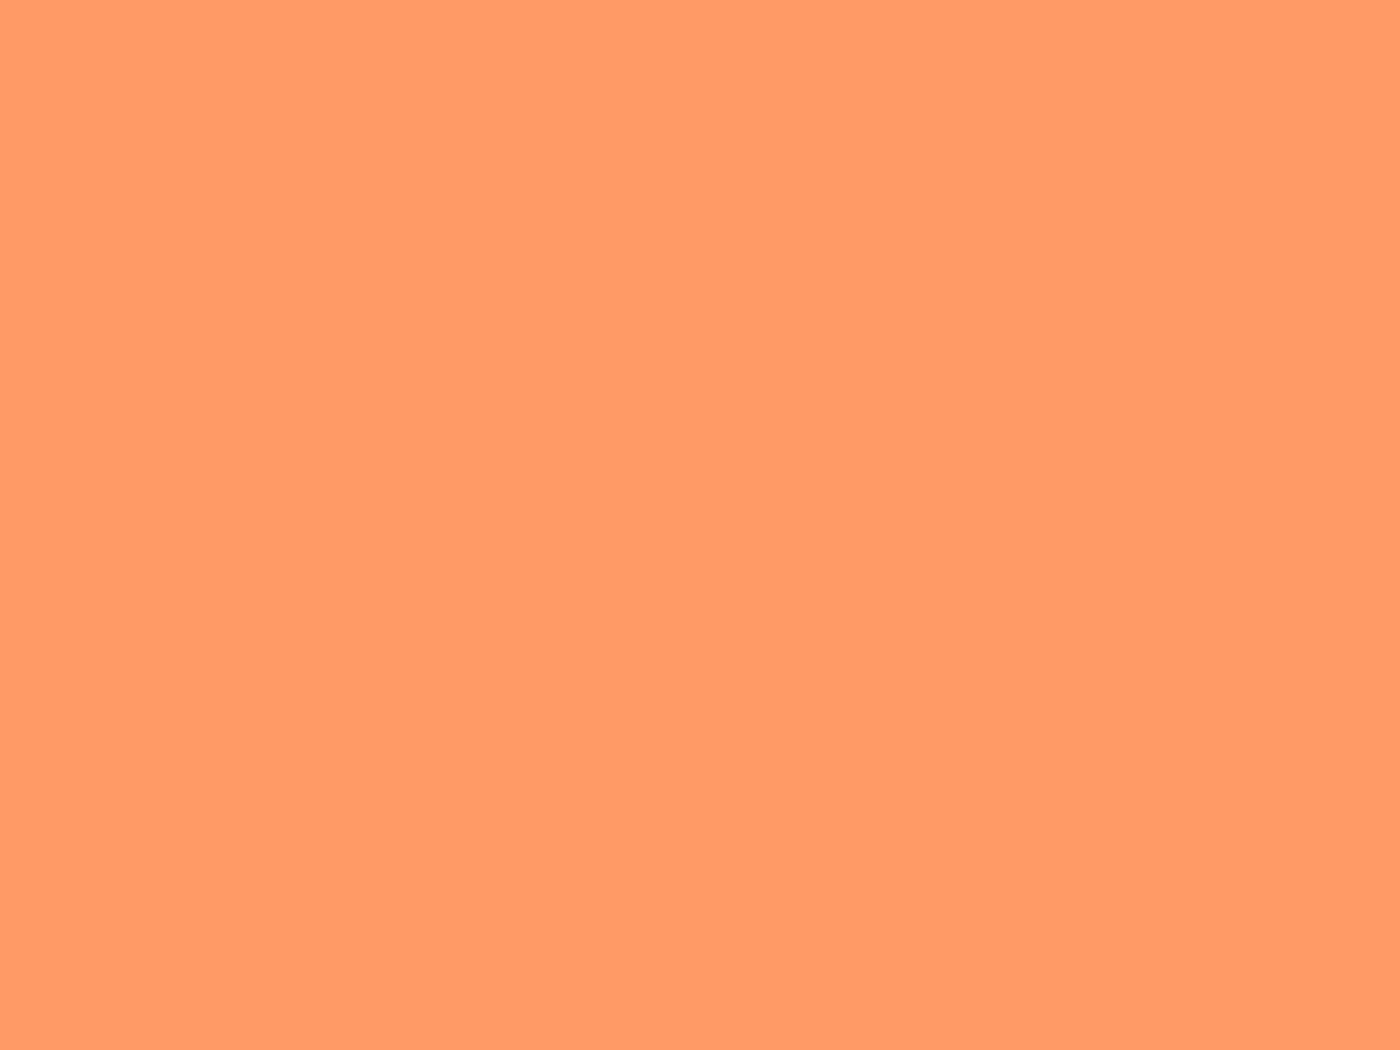 1400x1050 Pink-orange Solid Color Background